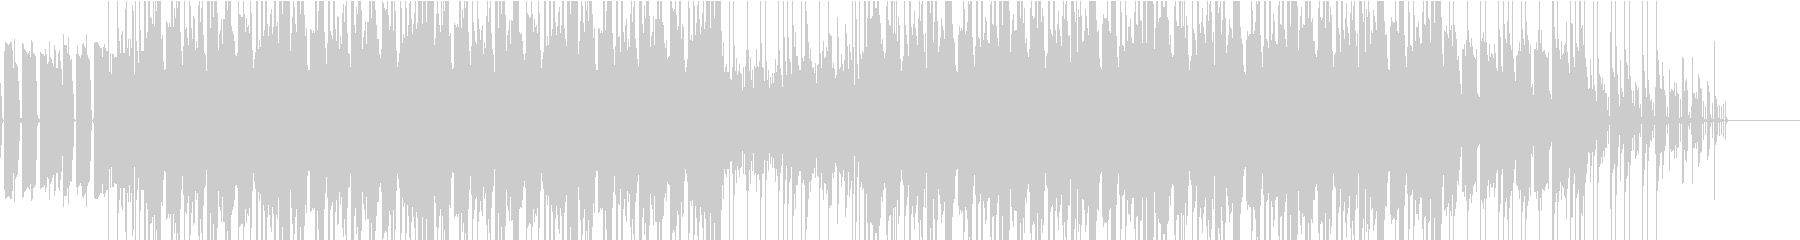 【高クオリティ】ベースから始まるロック調の未再生の波形